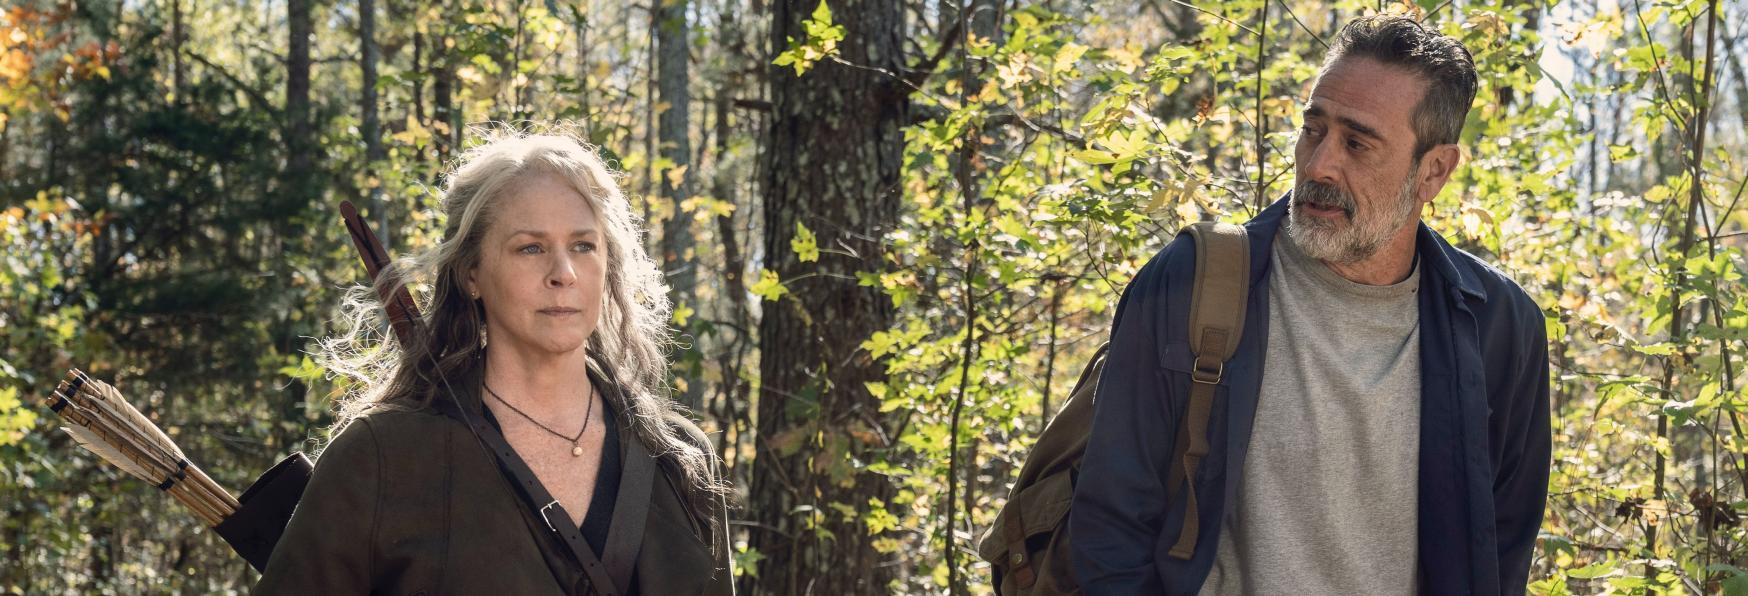 The Walking Dead 11: Pubblicate alcune Foto della Stagione Finale